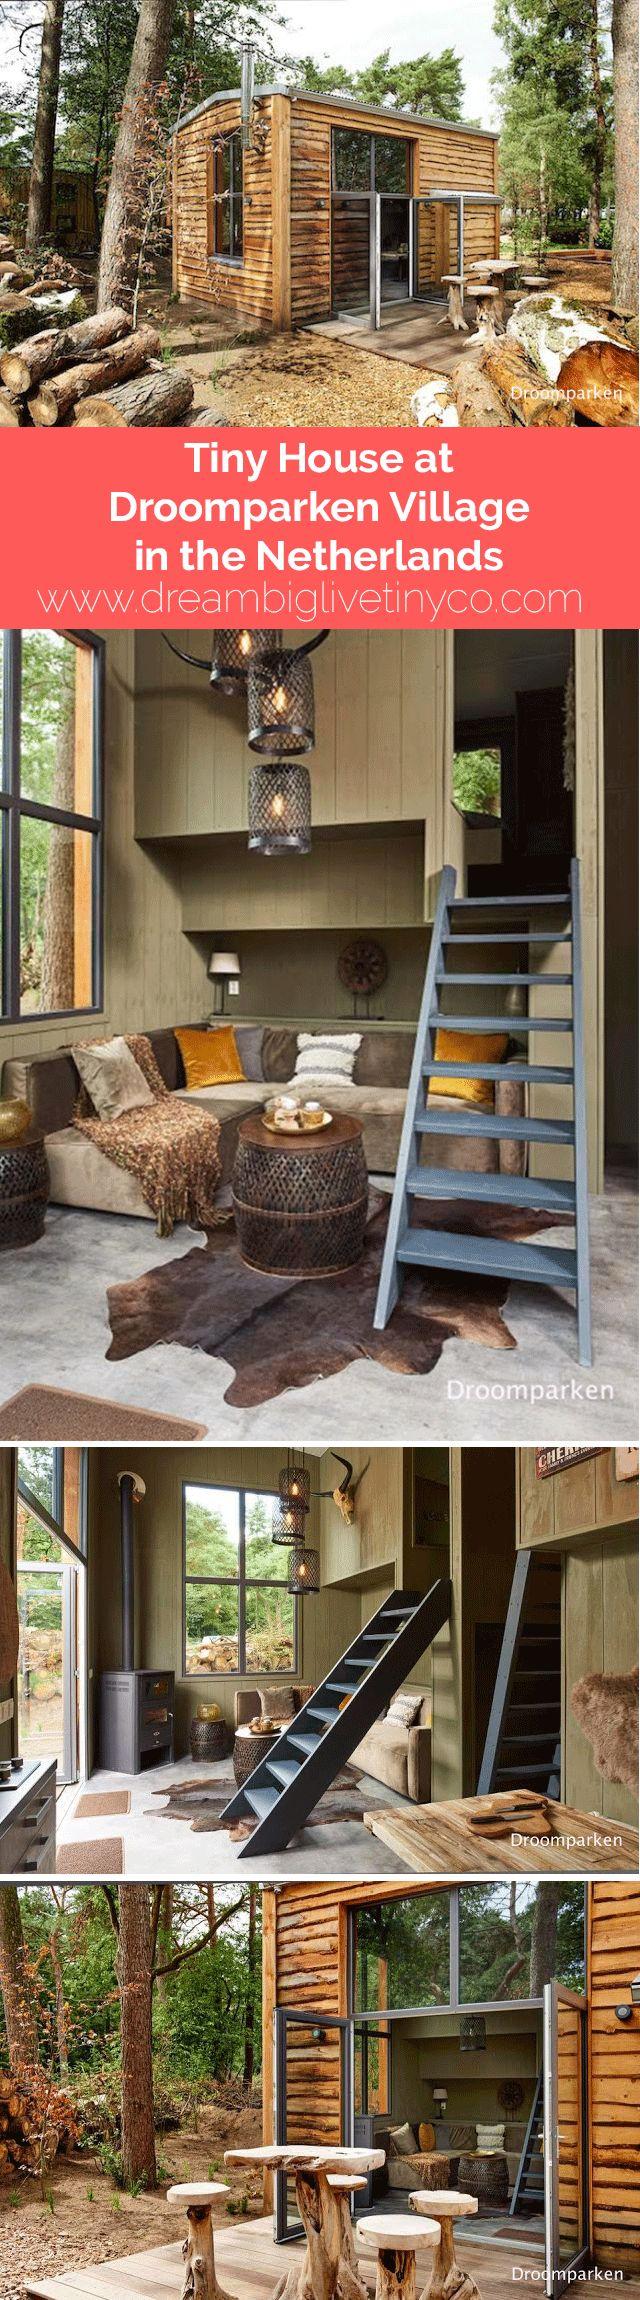 Mini maison naturelle bois forêt